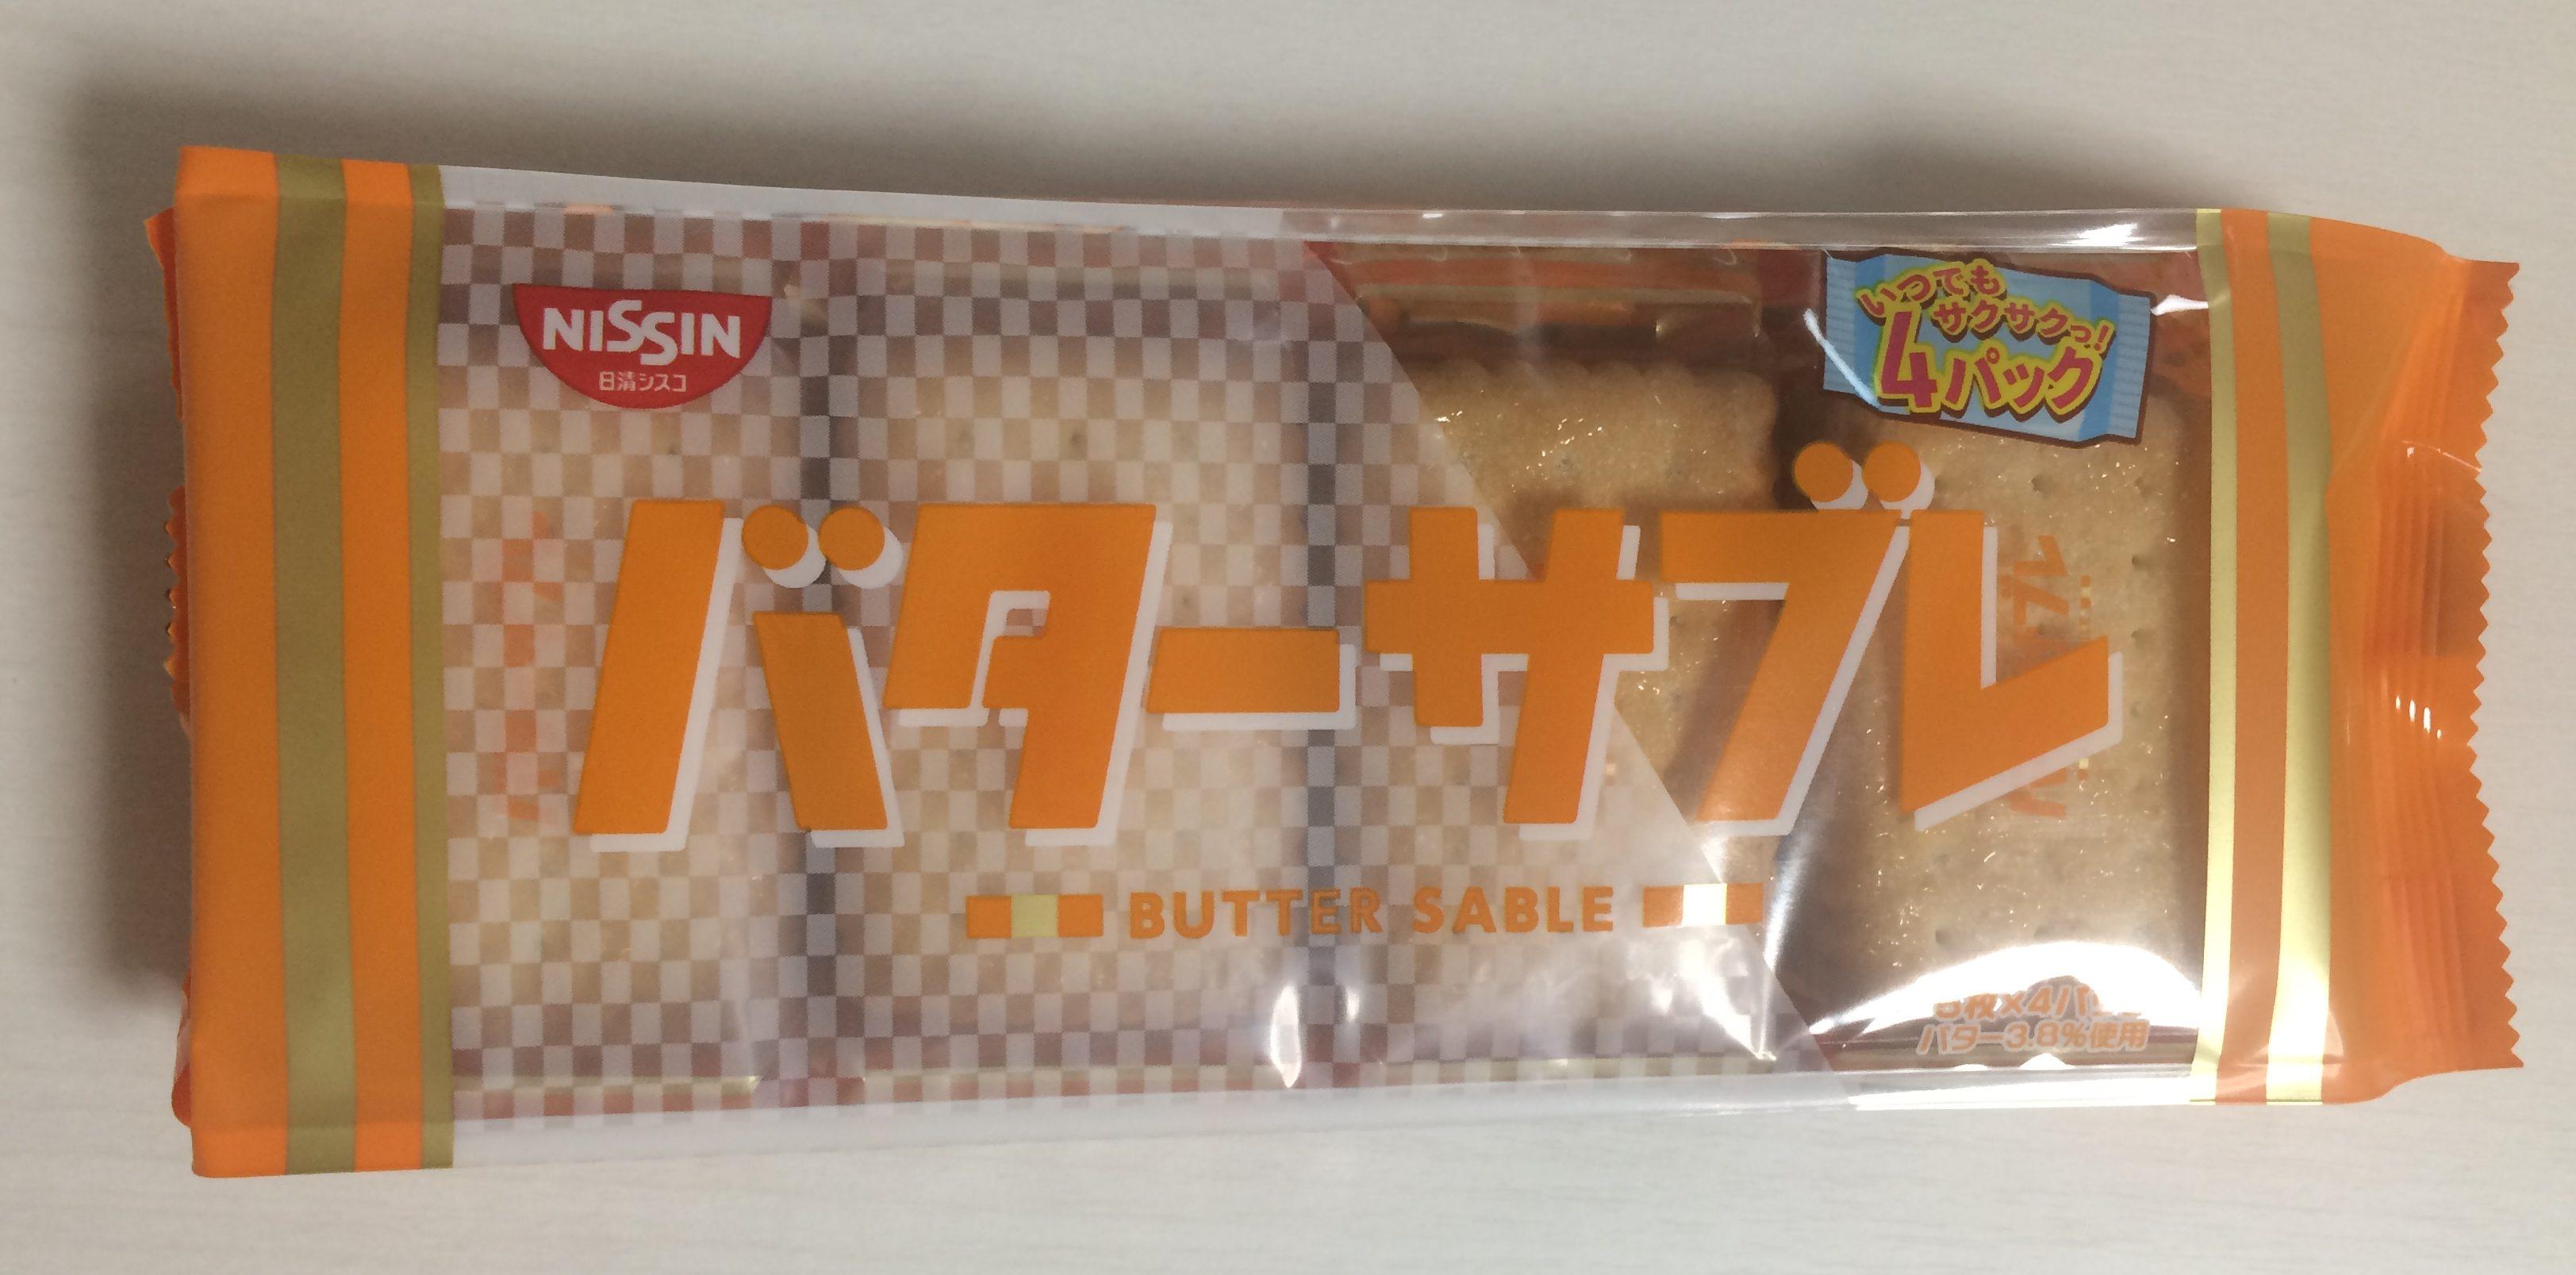 【日清シスコ】バターサブレ リニューアル♪